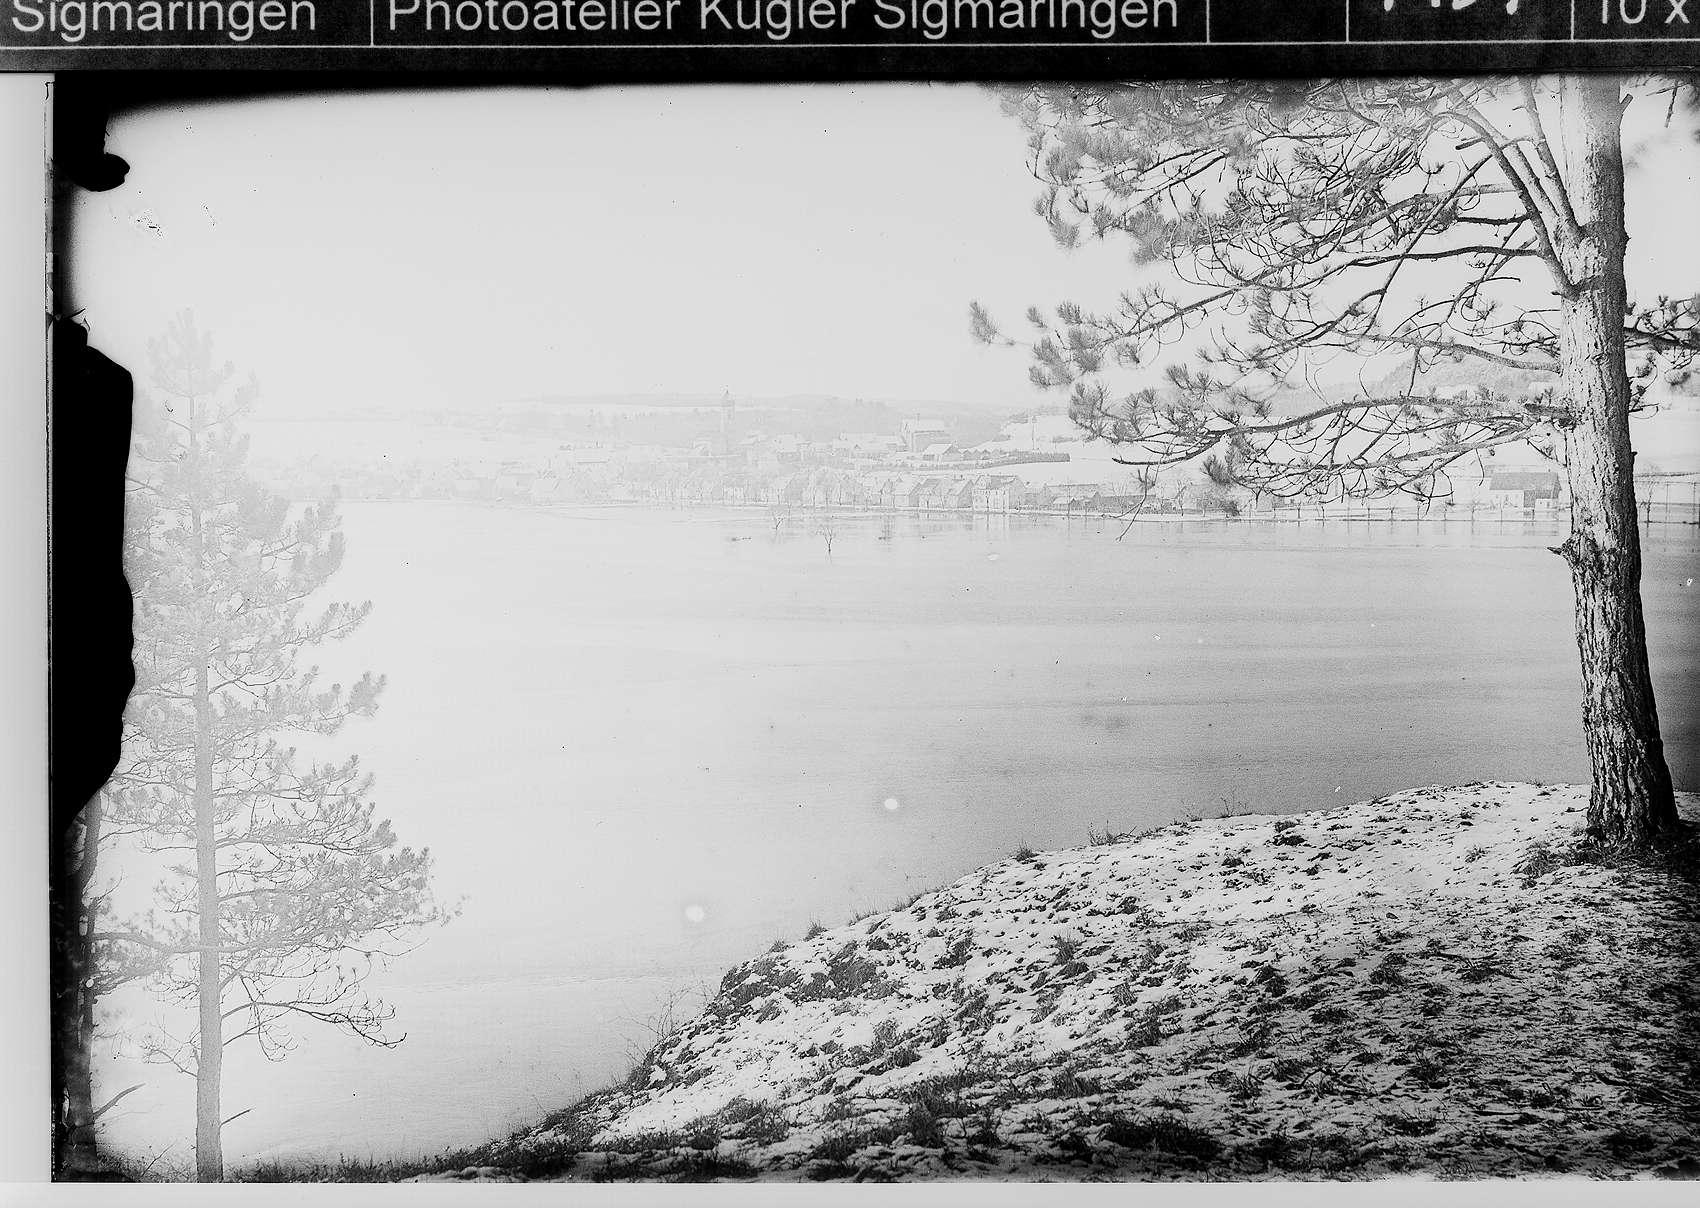 Donauhochwasser in Scheer, Bild 1